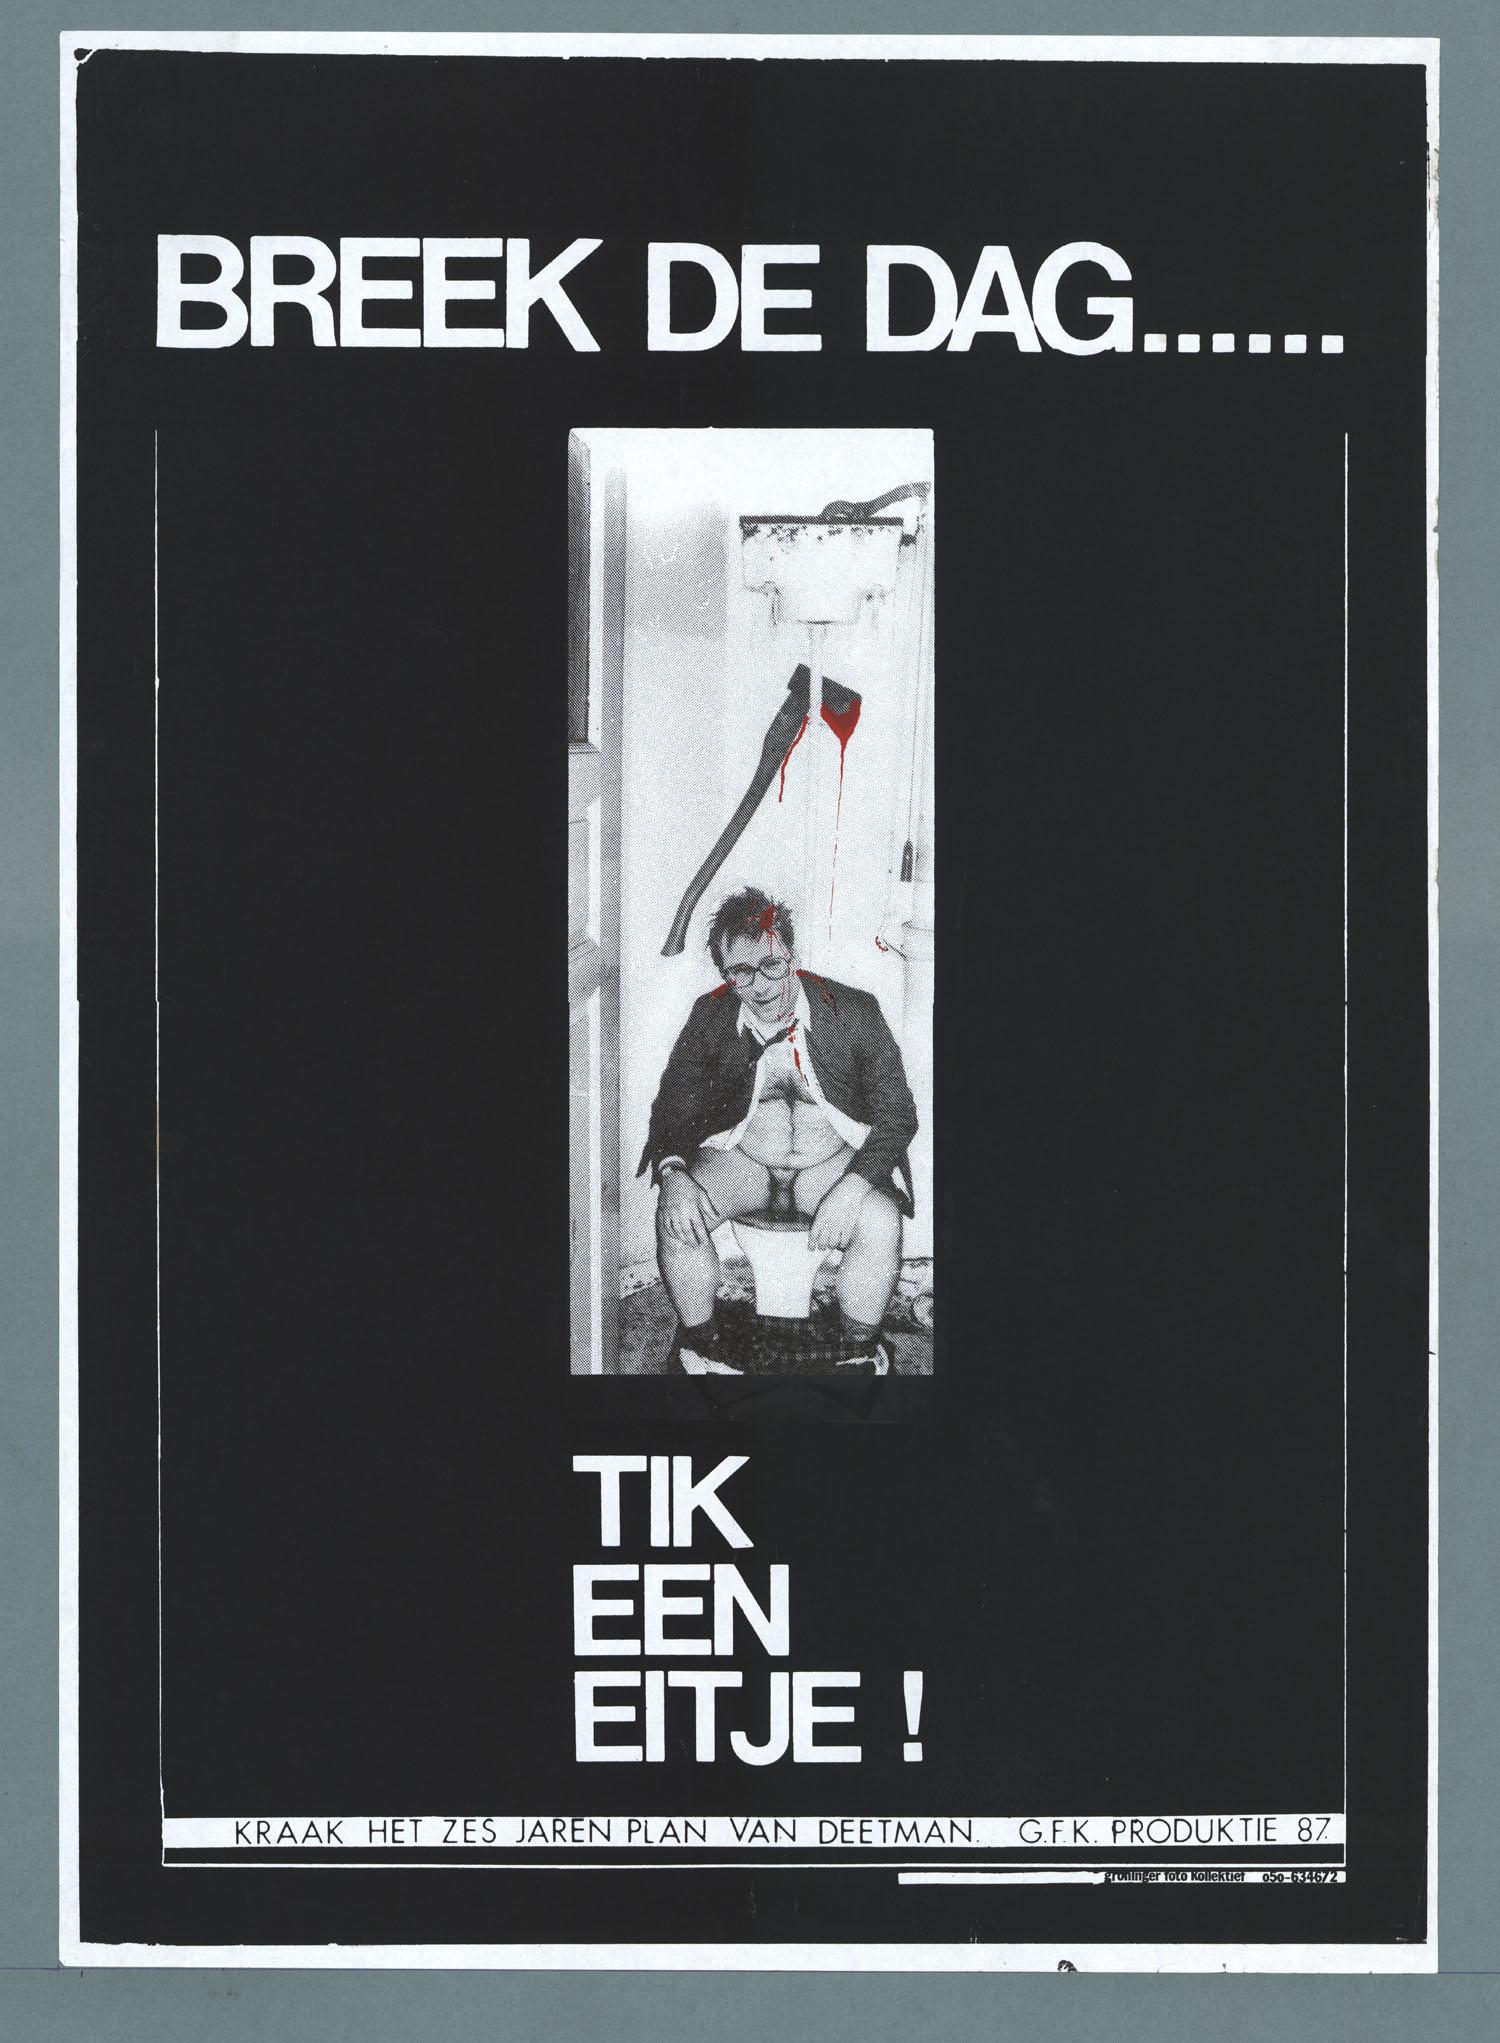 Breek de dag tik een eitje geheugen van nederland - Klein kamermeisje ...